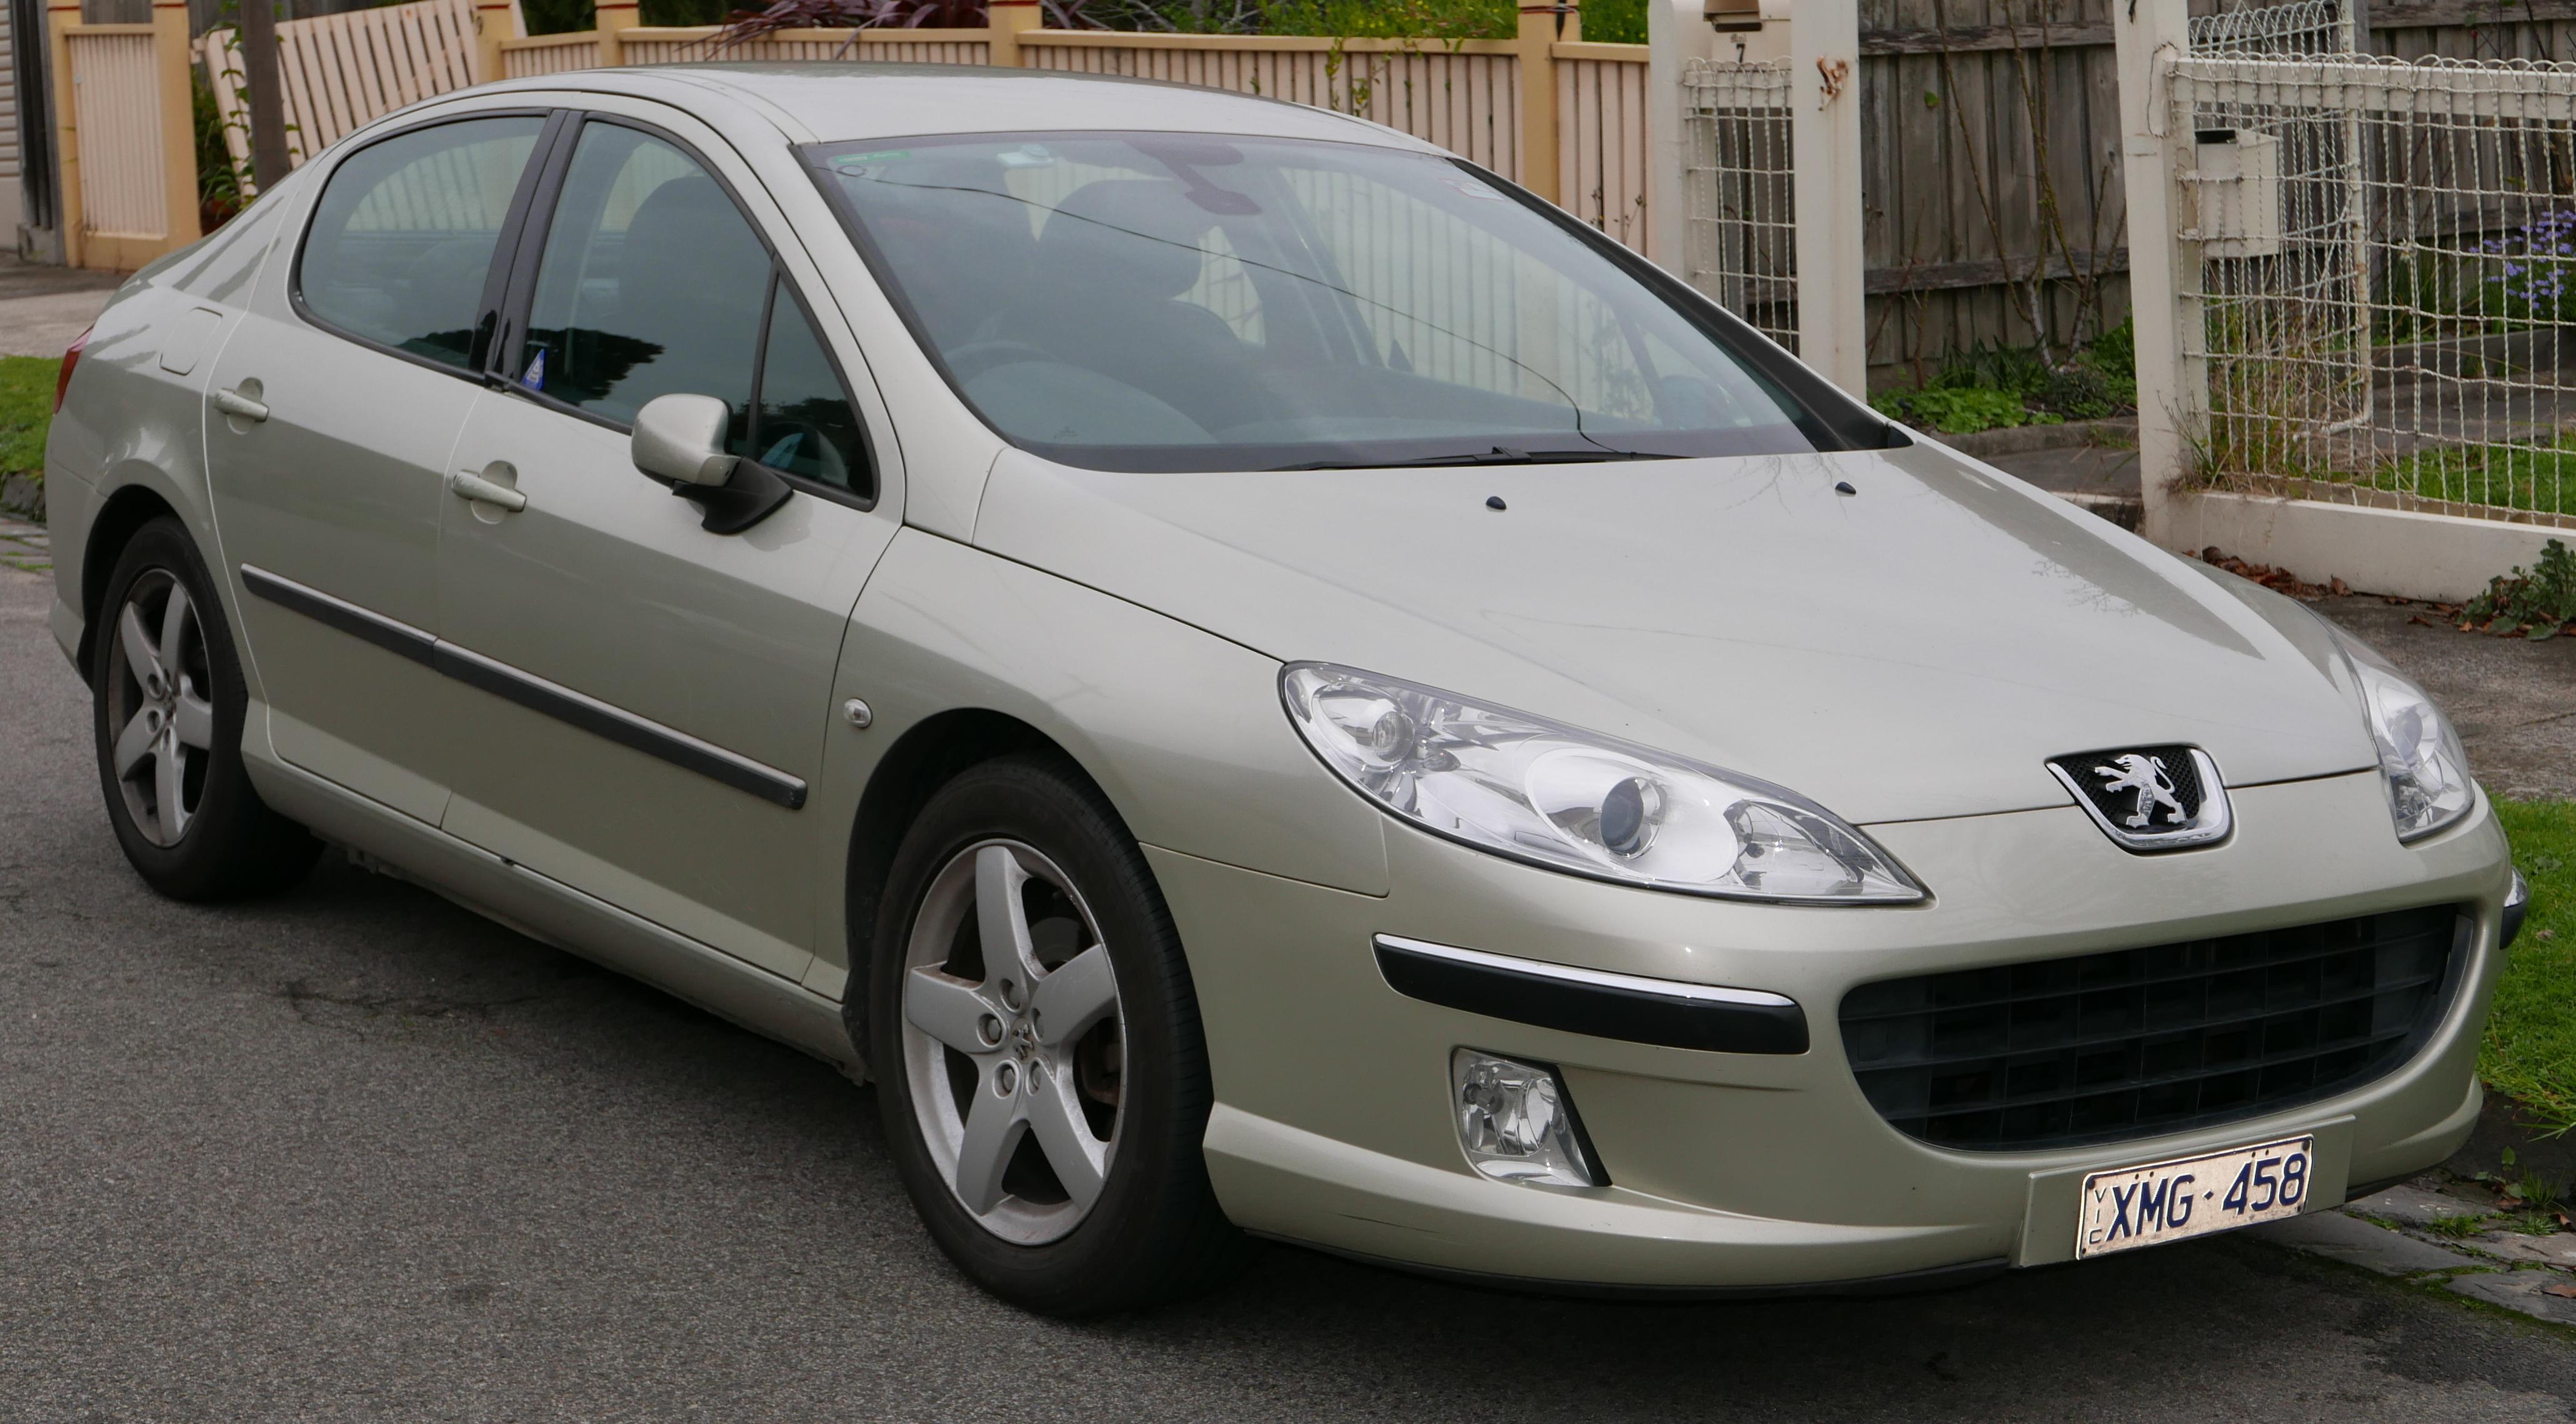 Peugeot 407 - Wikipedia